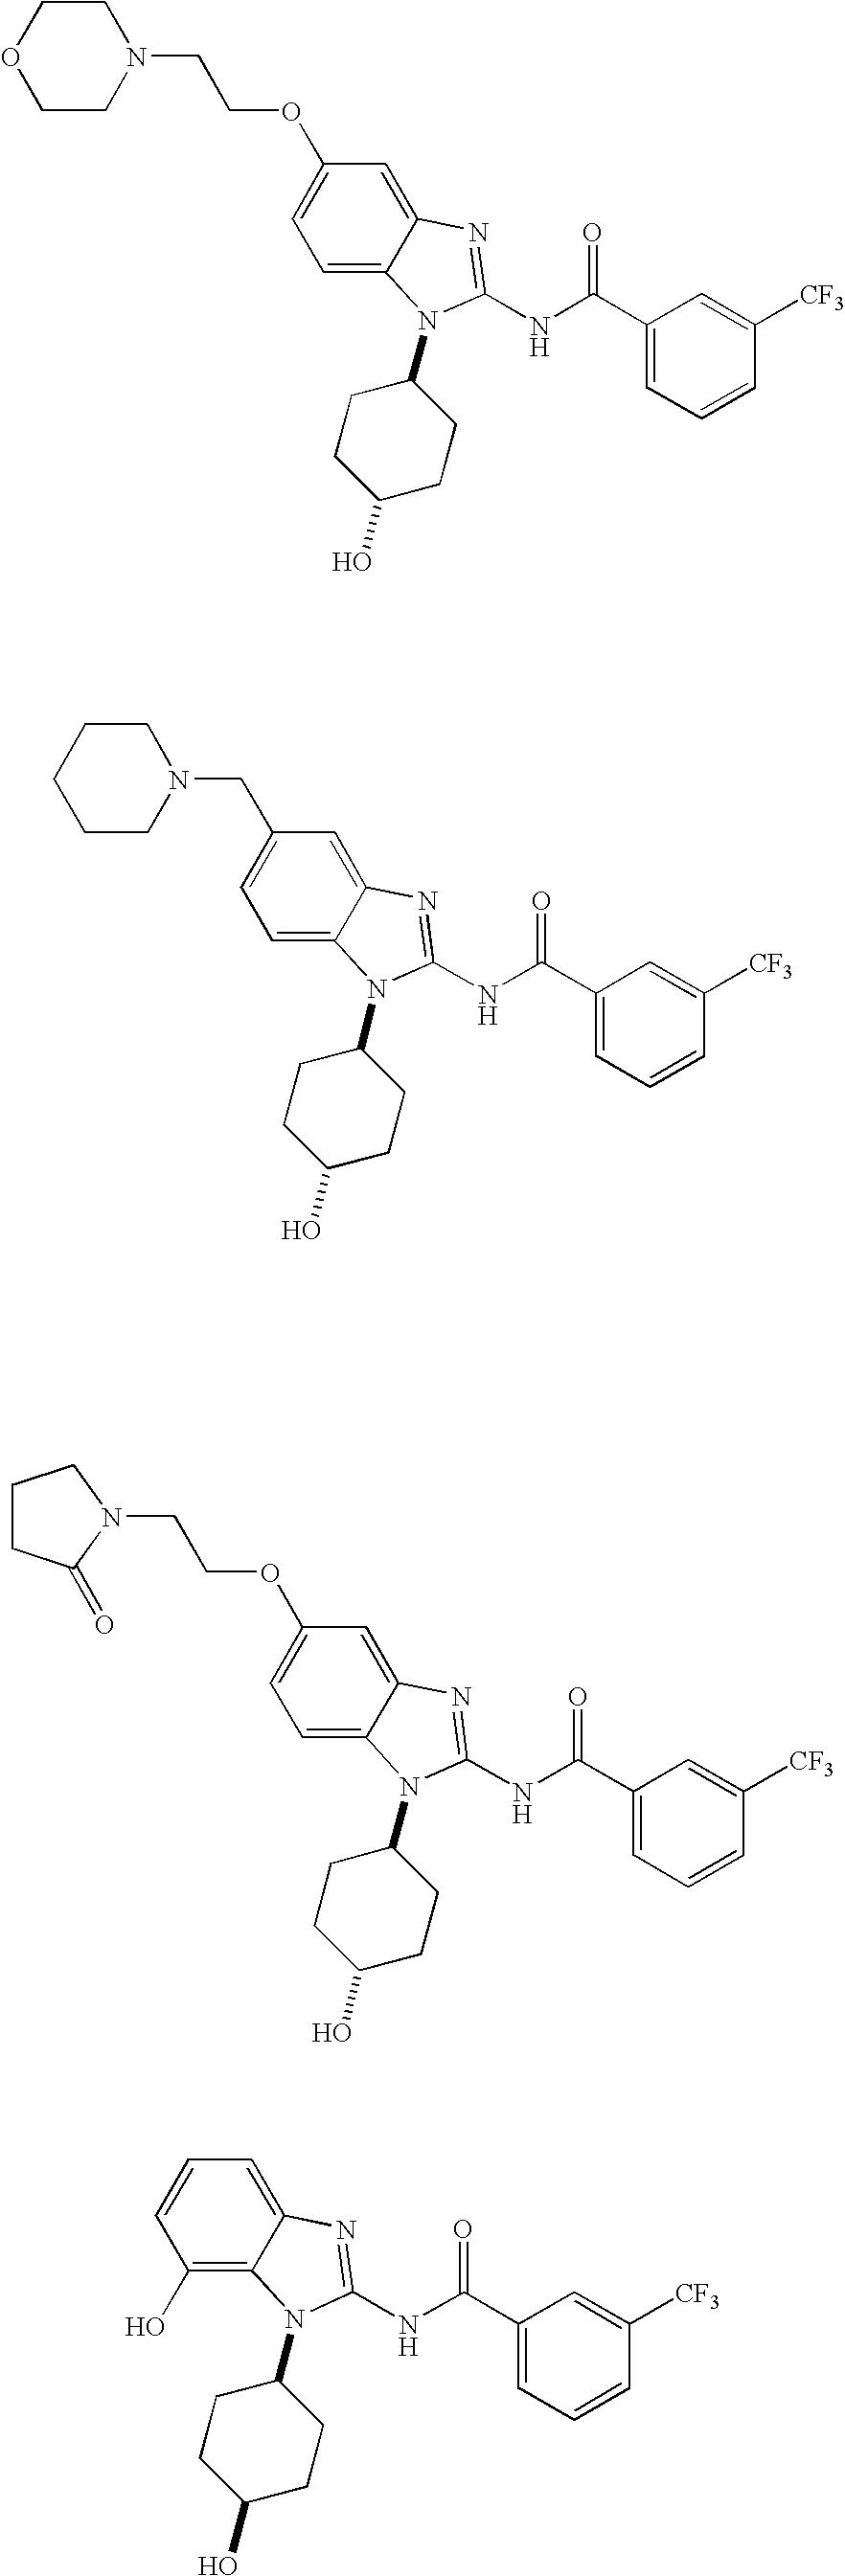 Figure US07132438-20061107-C00067